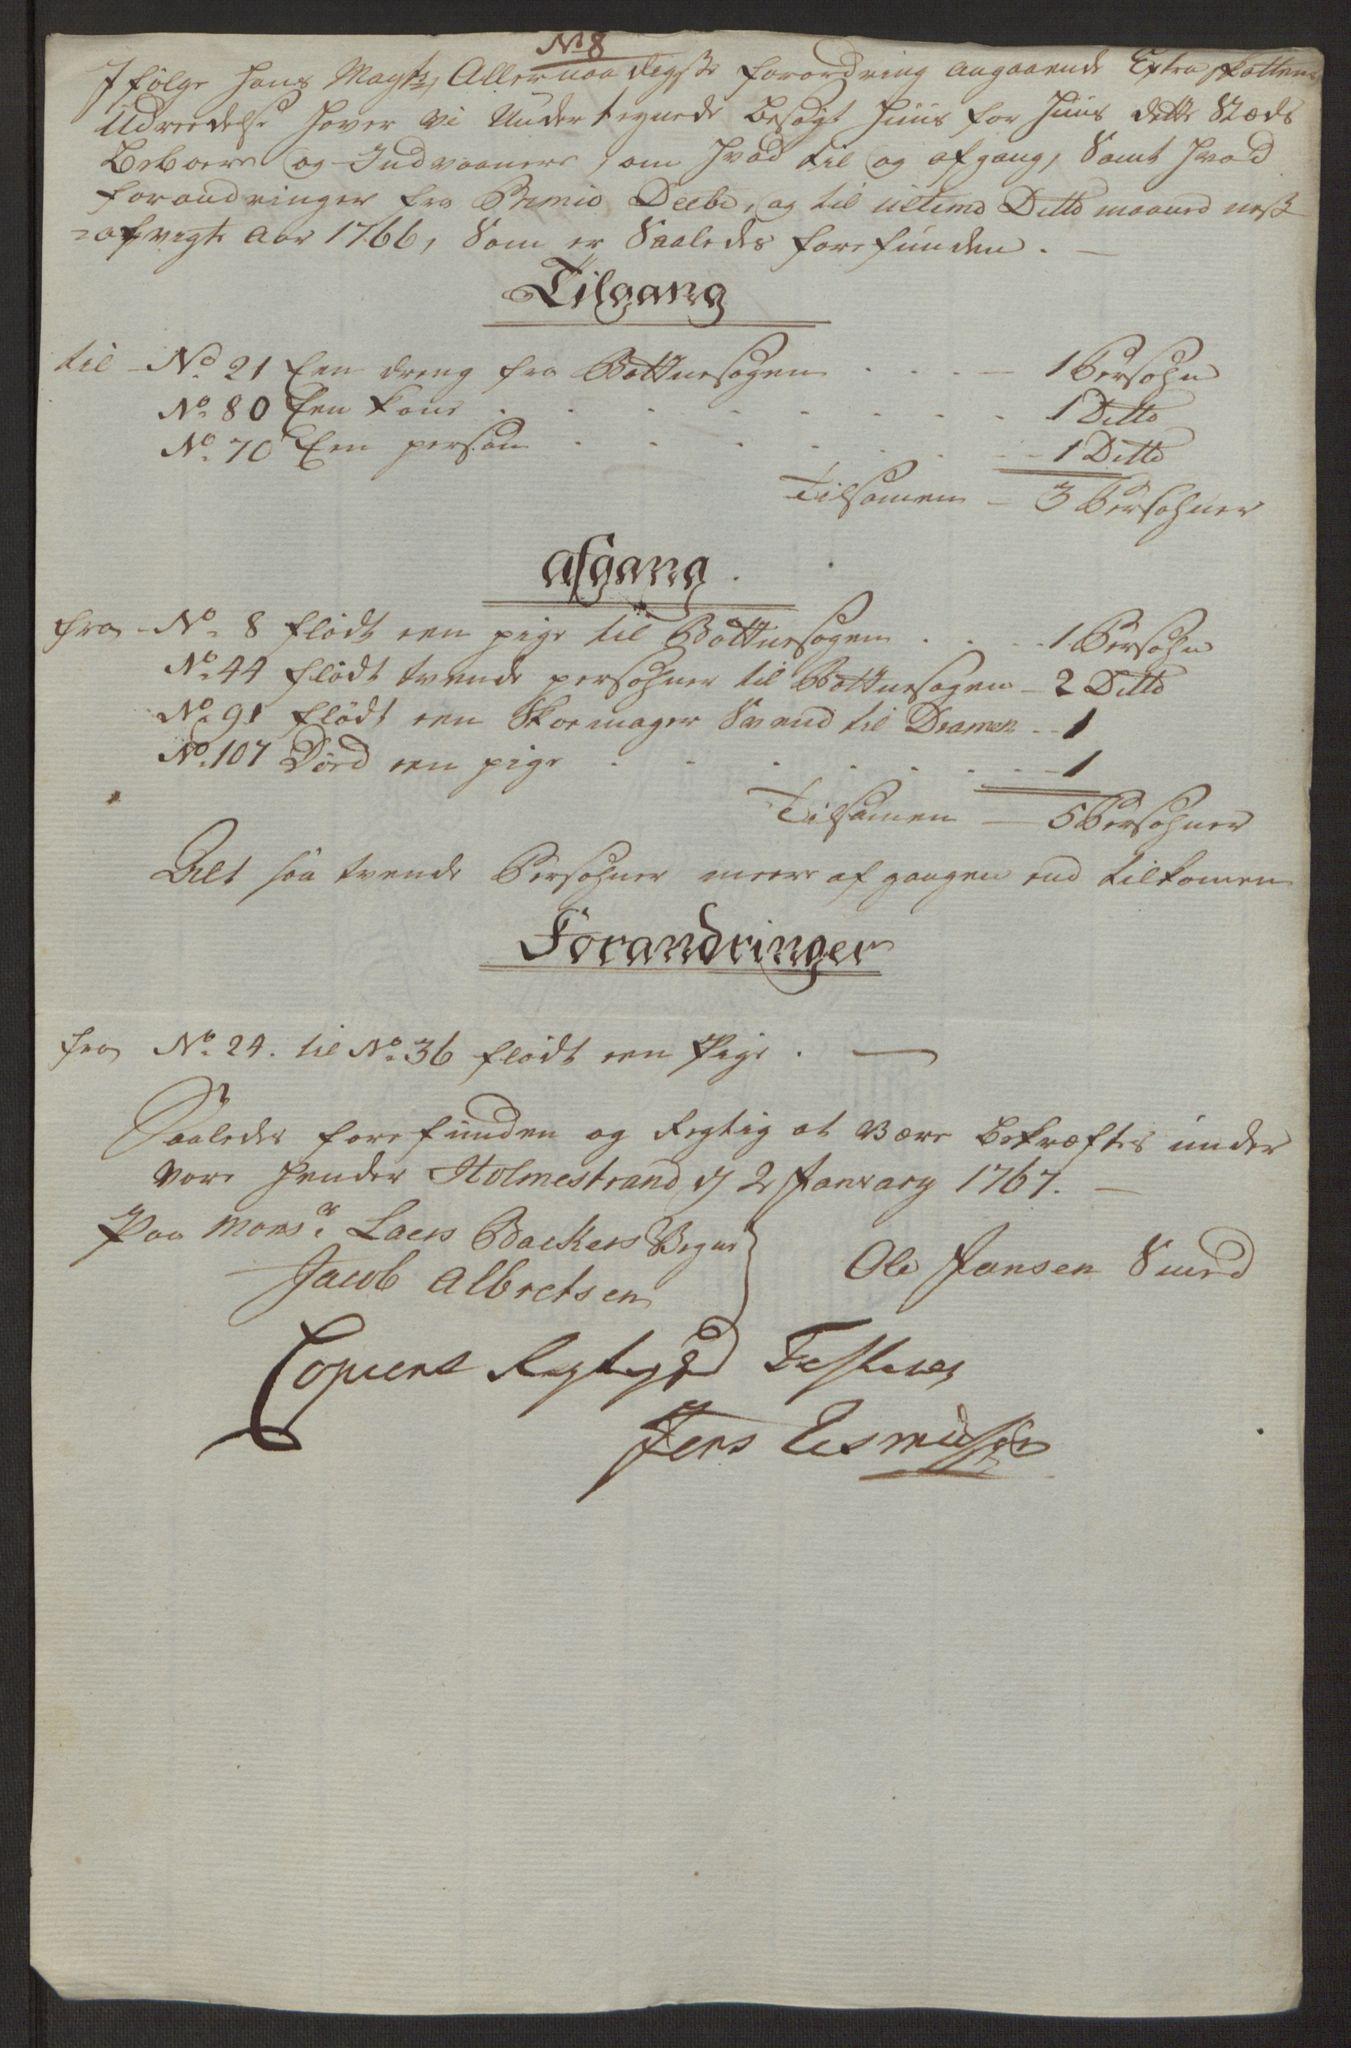 RA, Rentekammeret inntil 1814, Reviderte regnskaper, Byregnskaper, R/Rh/L0163: [H4] Kontribusjonsregnskap, 1762-1772, s. 320